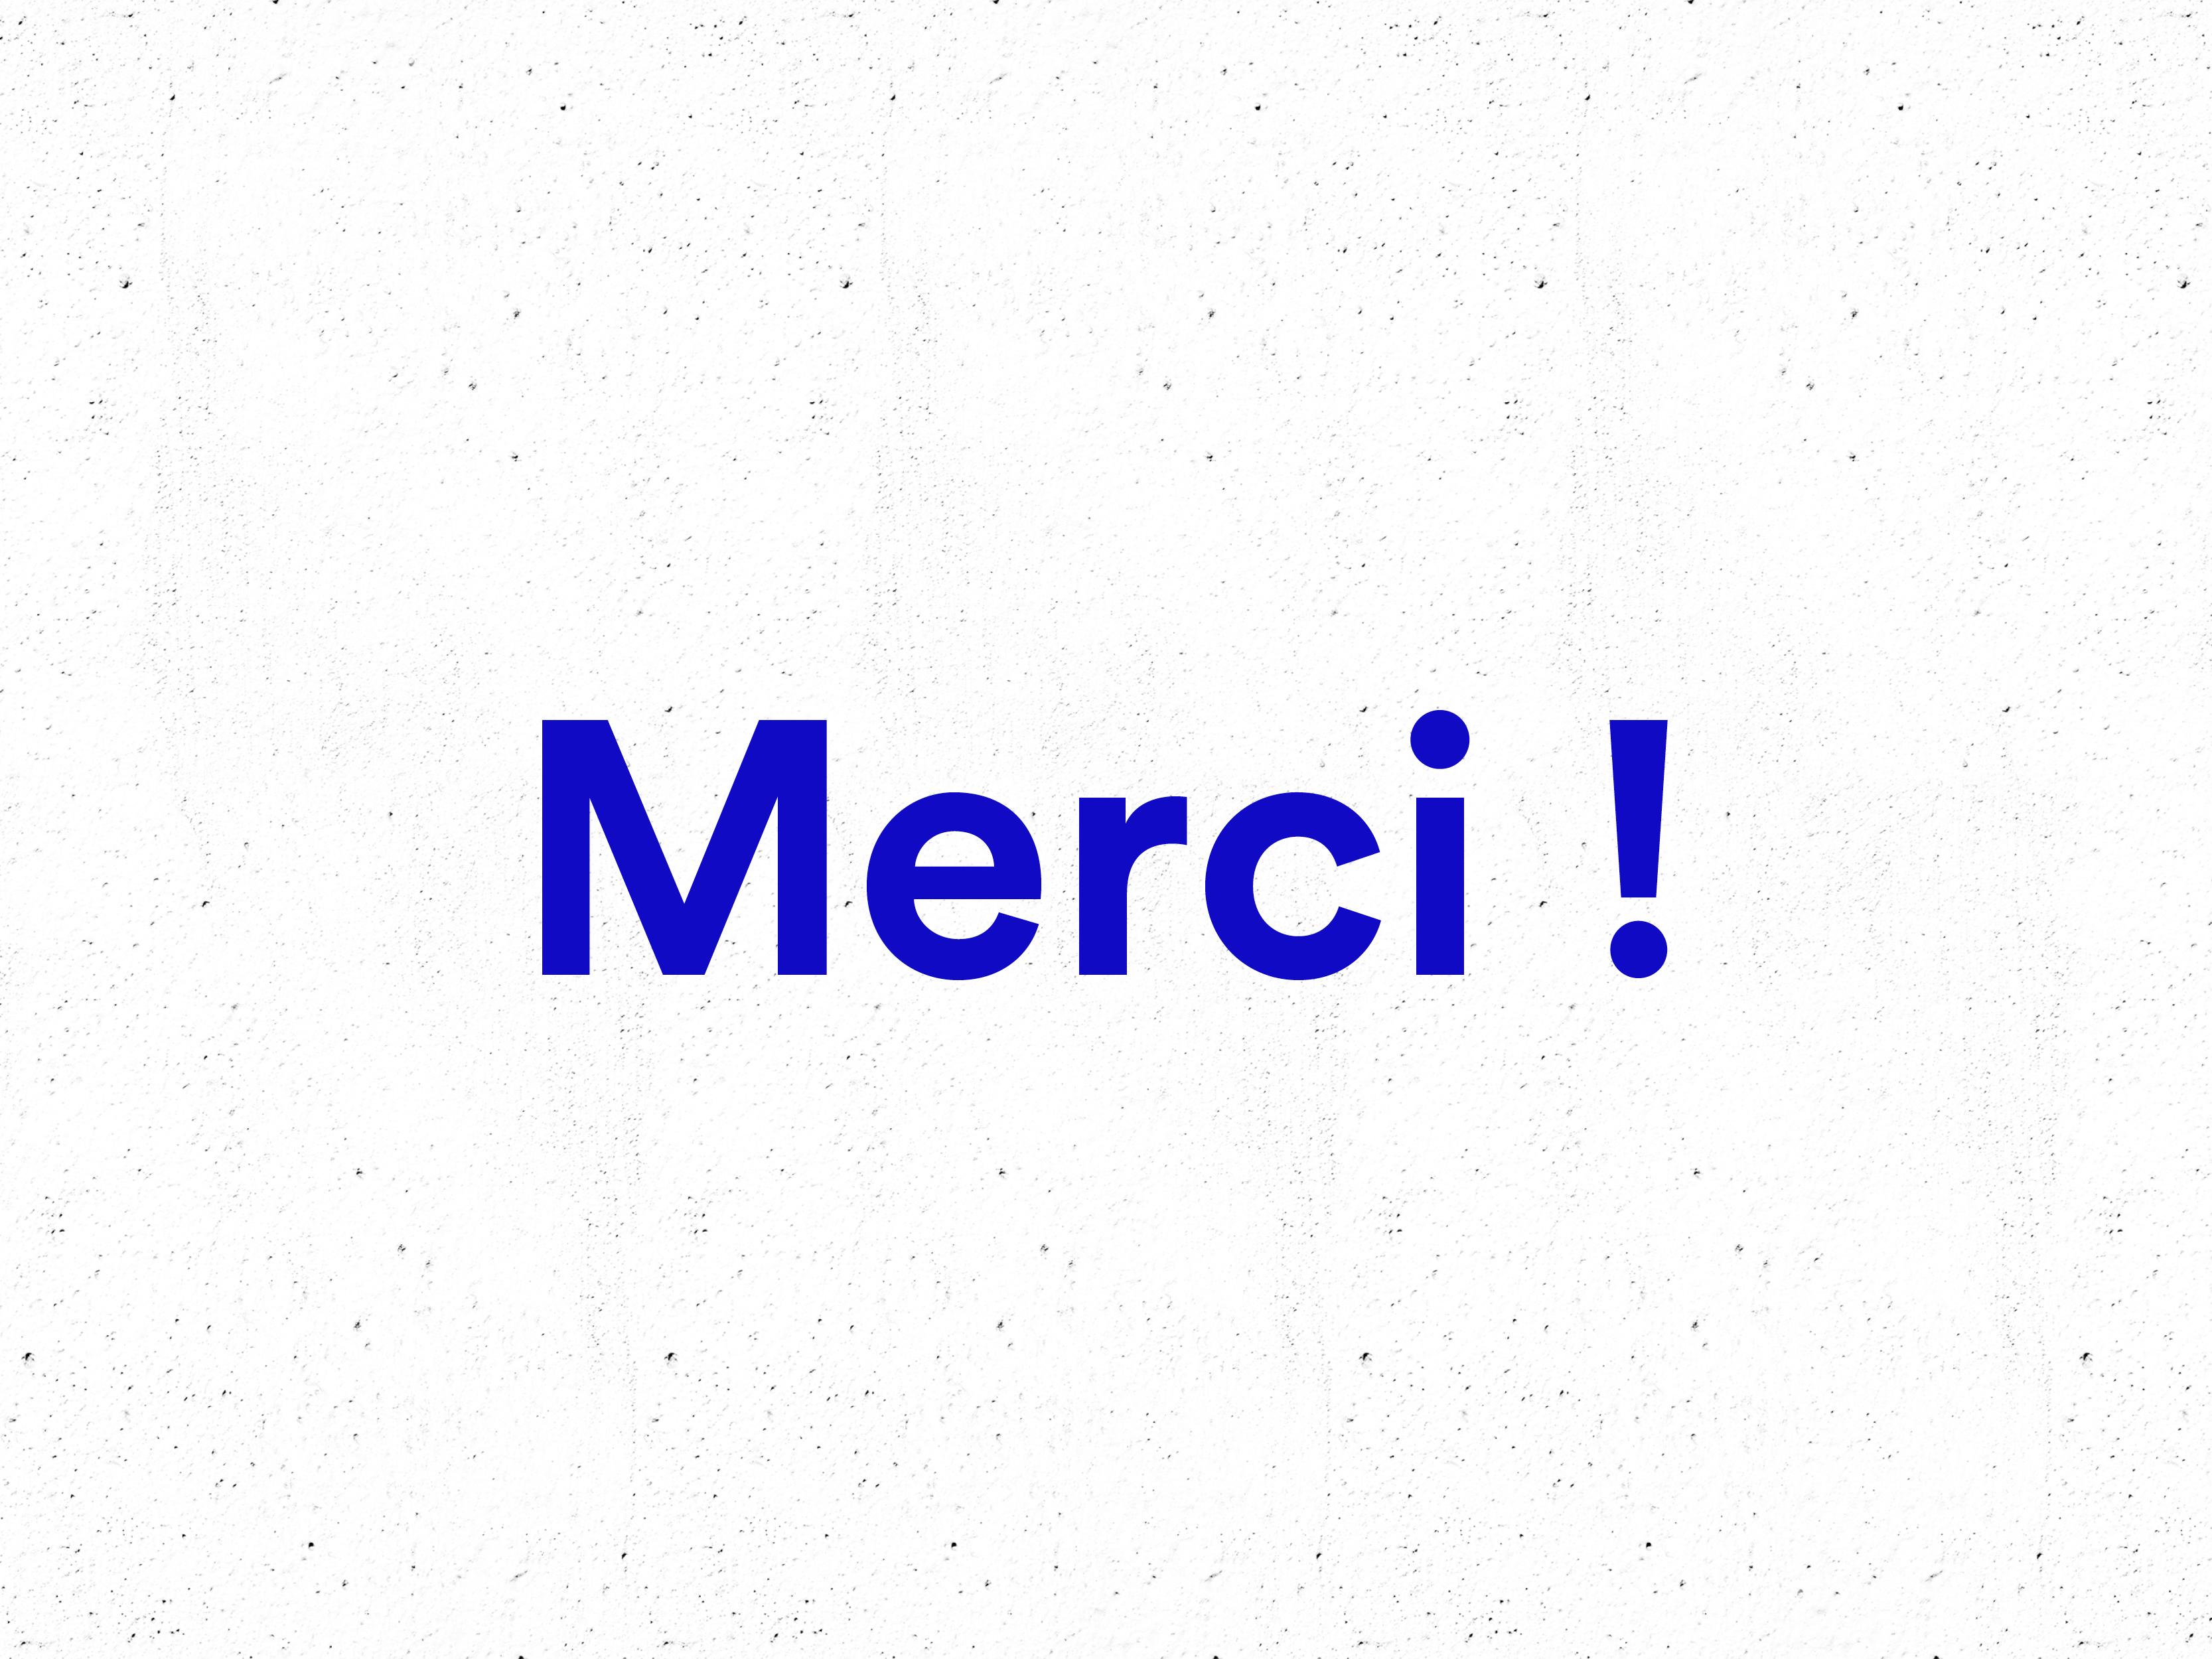 KKBB_MHV_800x600px-Sure_le_pouce-1505664413.jpg